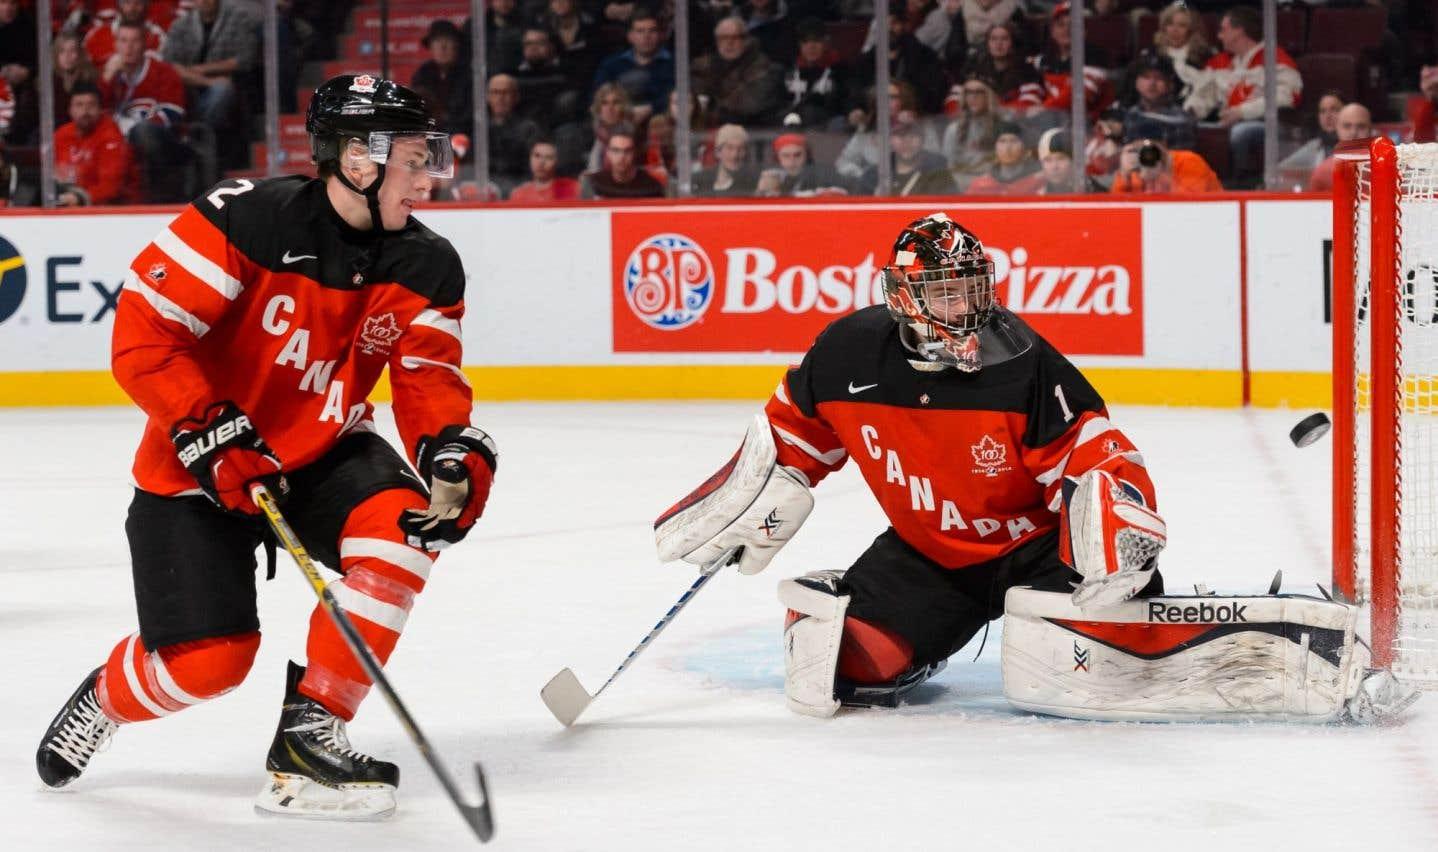 Le Canada confirme ses 18 premiers joueurs